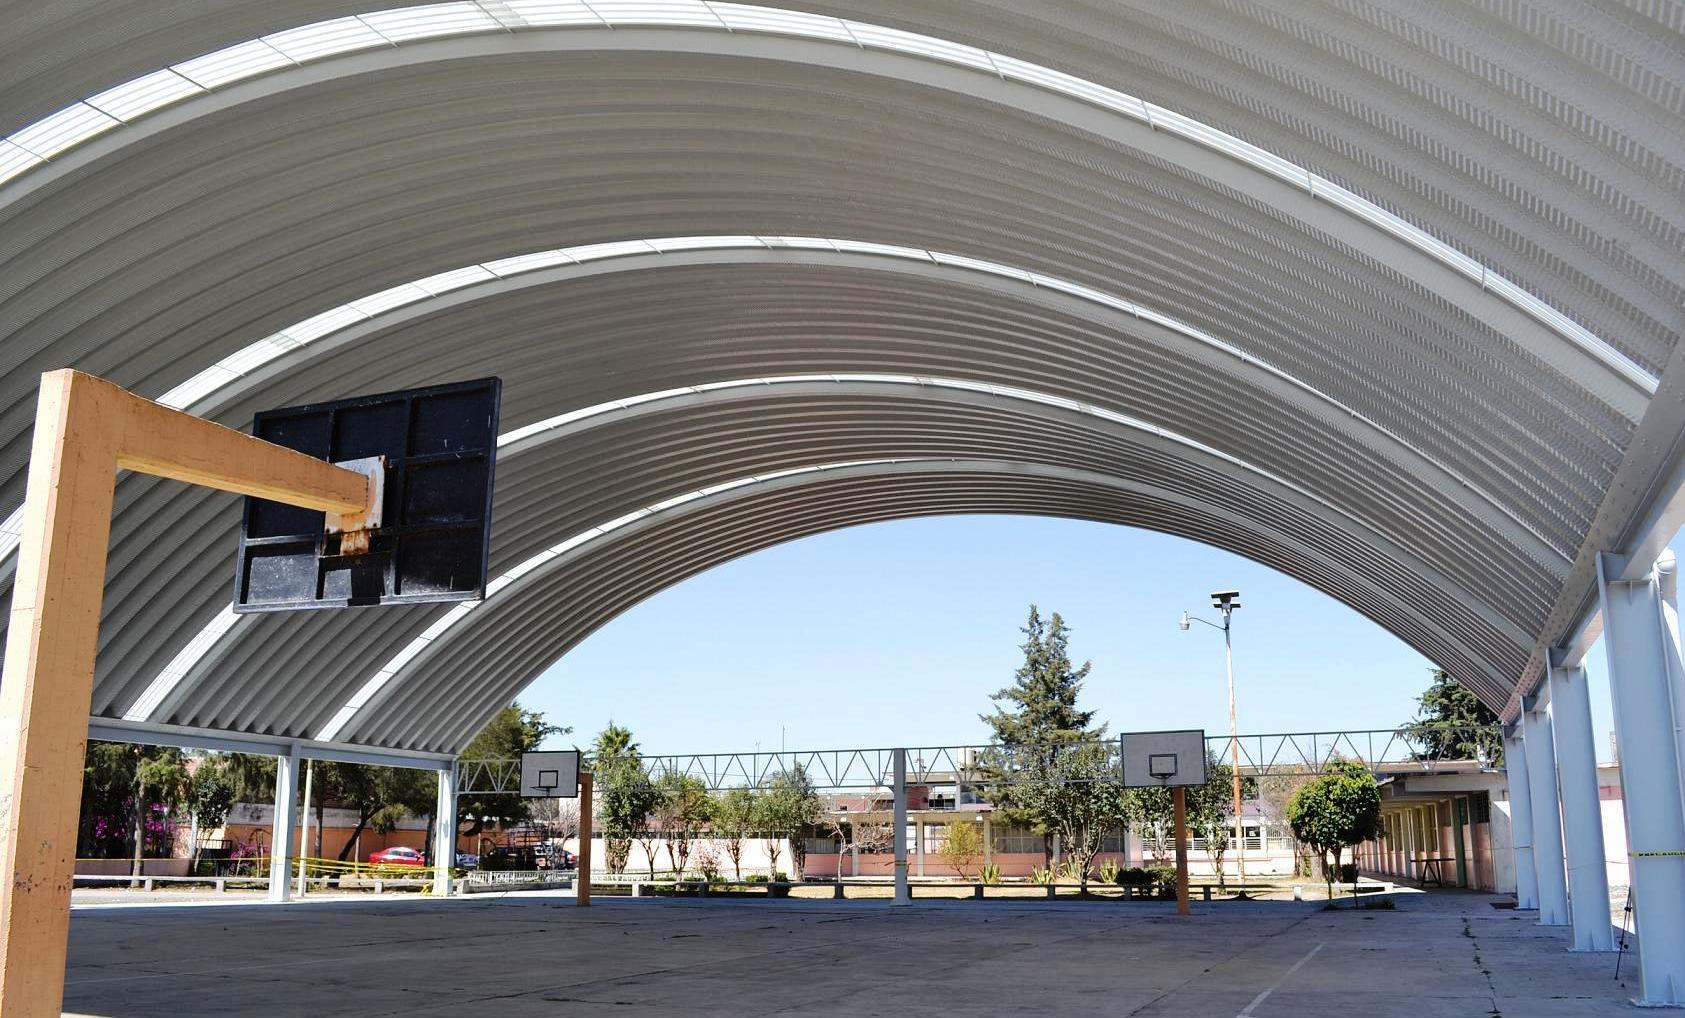 Inauguran en tultitl n techo domo deportivo en escuela for Imagenes de techados